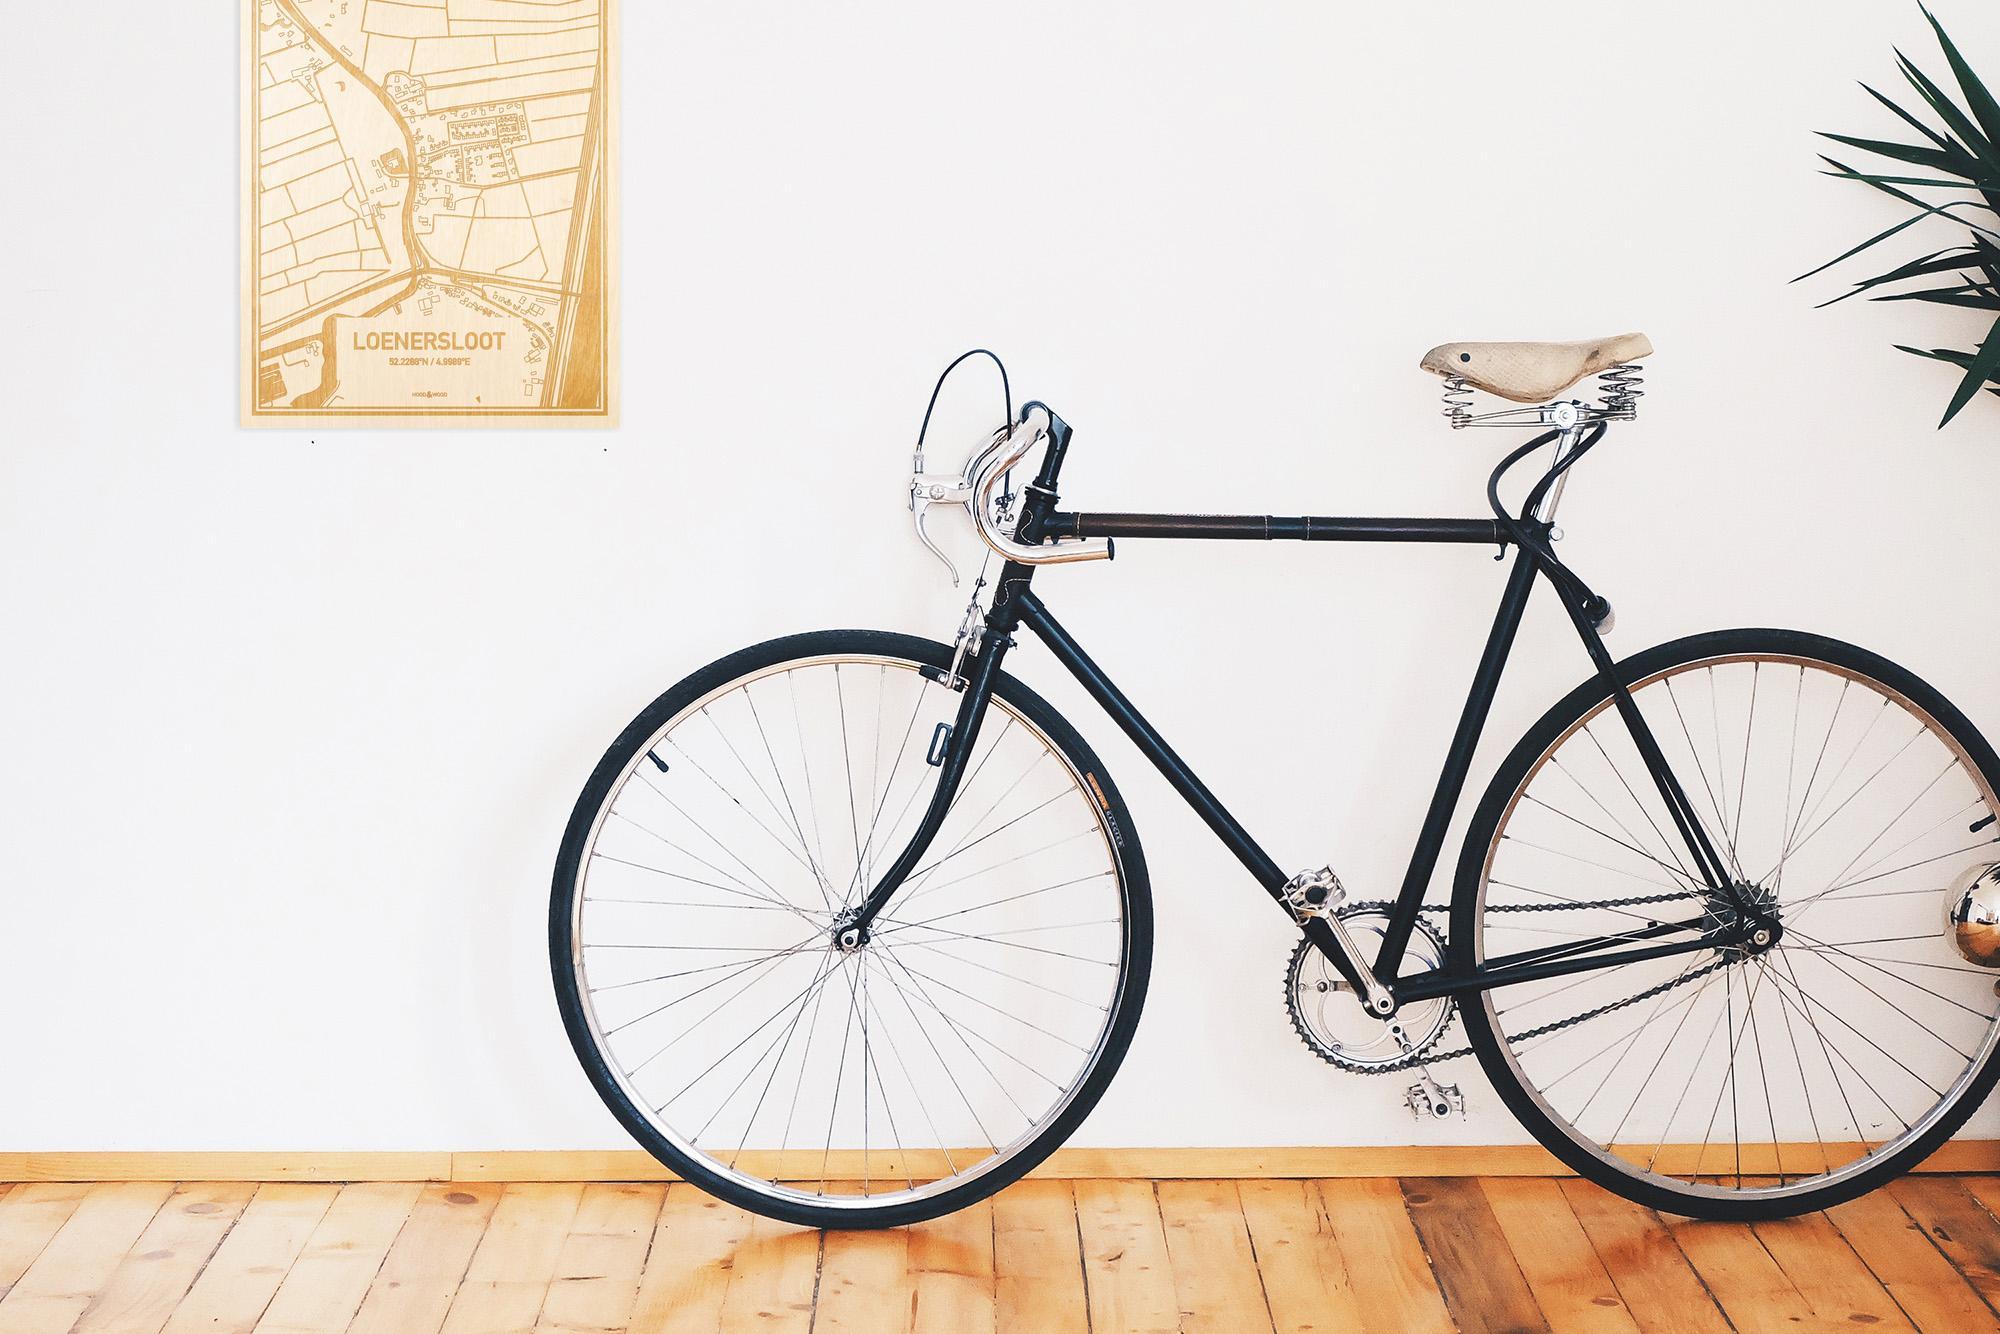 Een snelle fiets in een uniek interieur in Utrecht met mooie decoratie zoals de plattegrond Loenersloot.